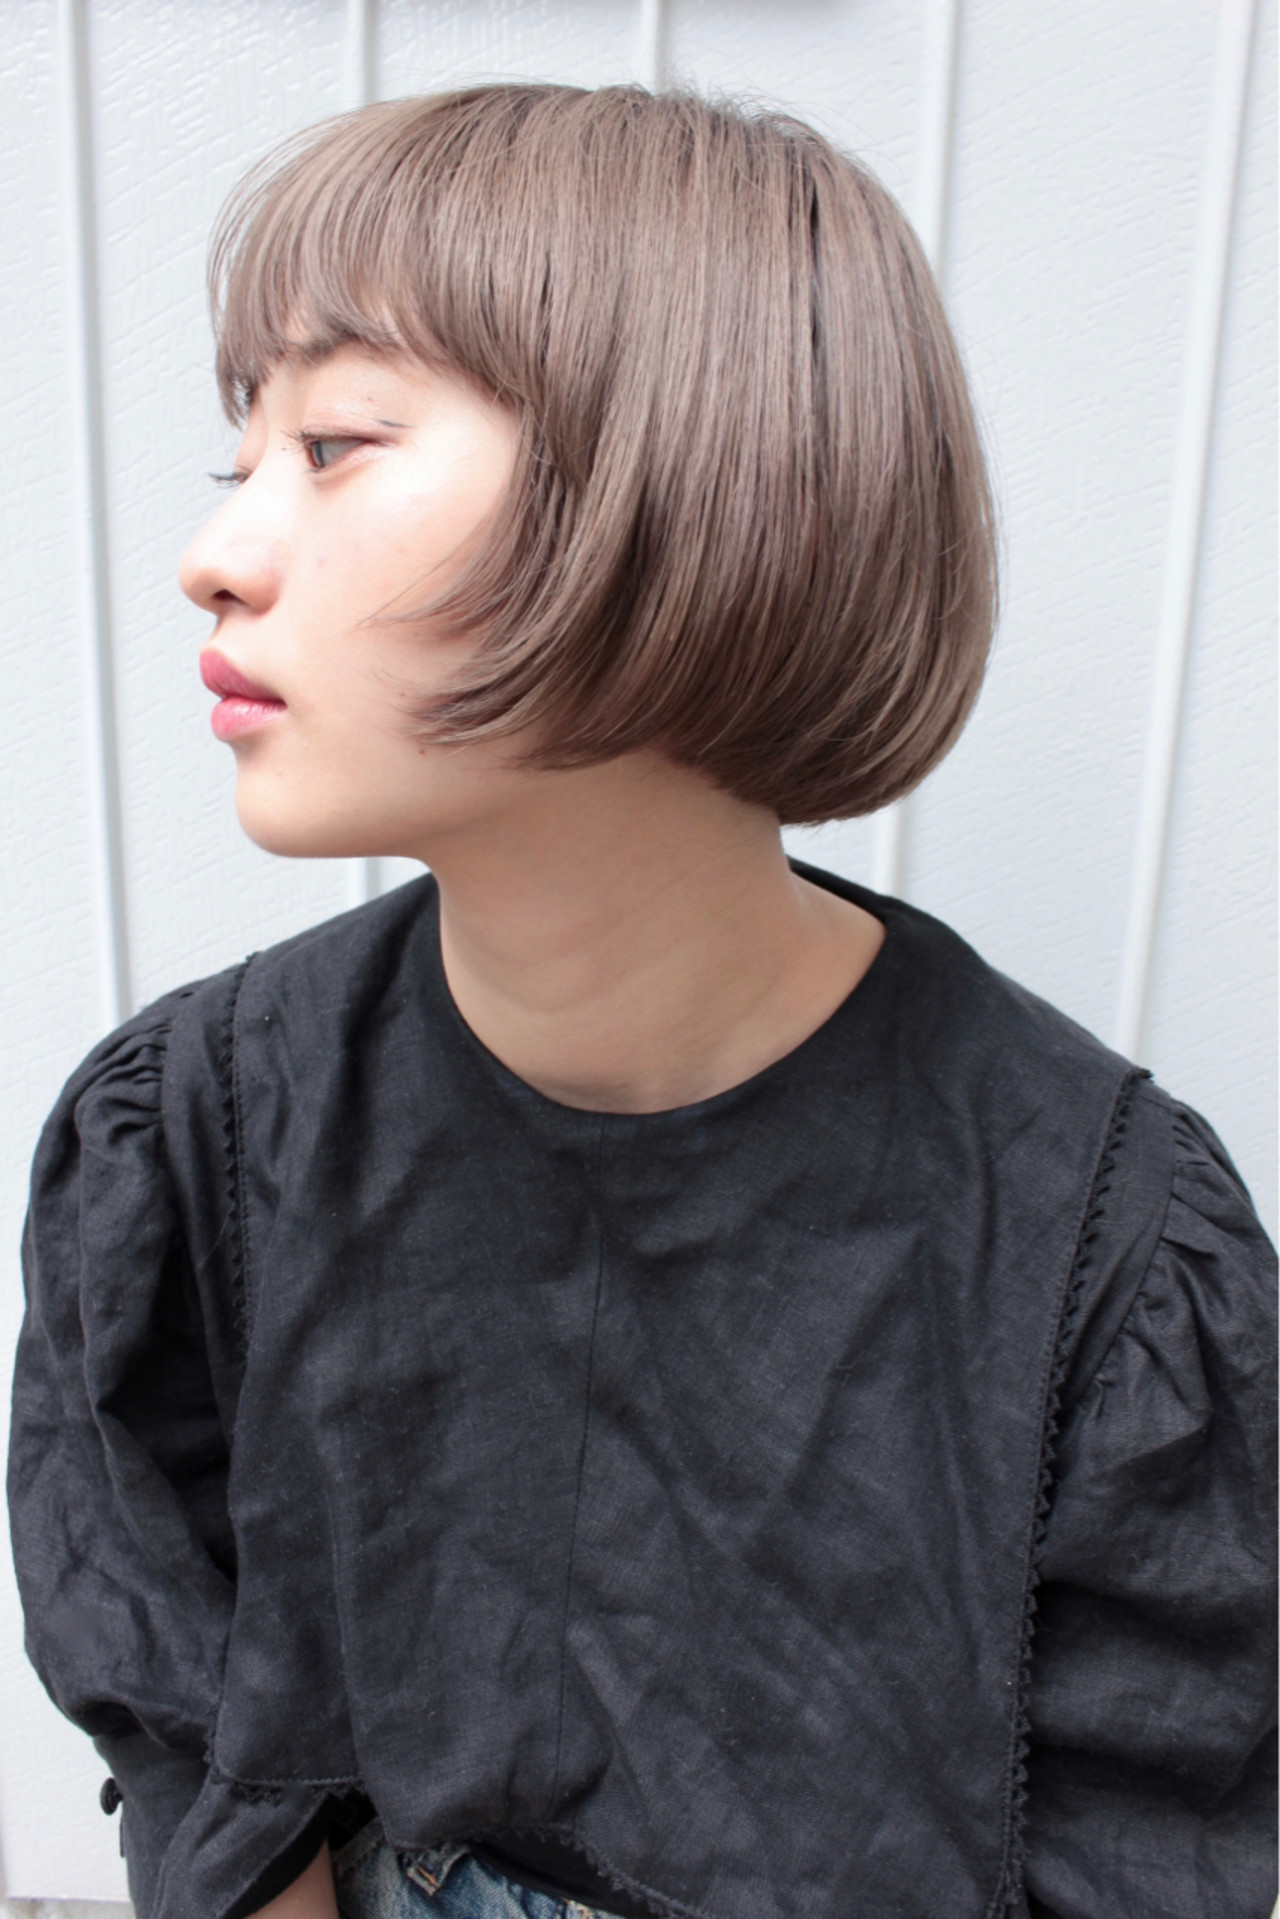 抜け感 前髪あり ナチュラル 簡単ヘアアレンジヘアスタイルや髪型の写真・画像